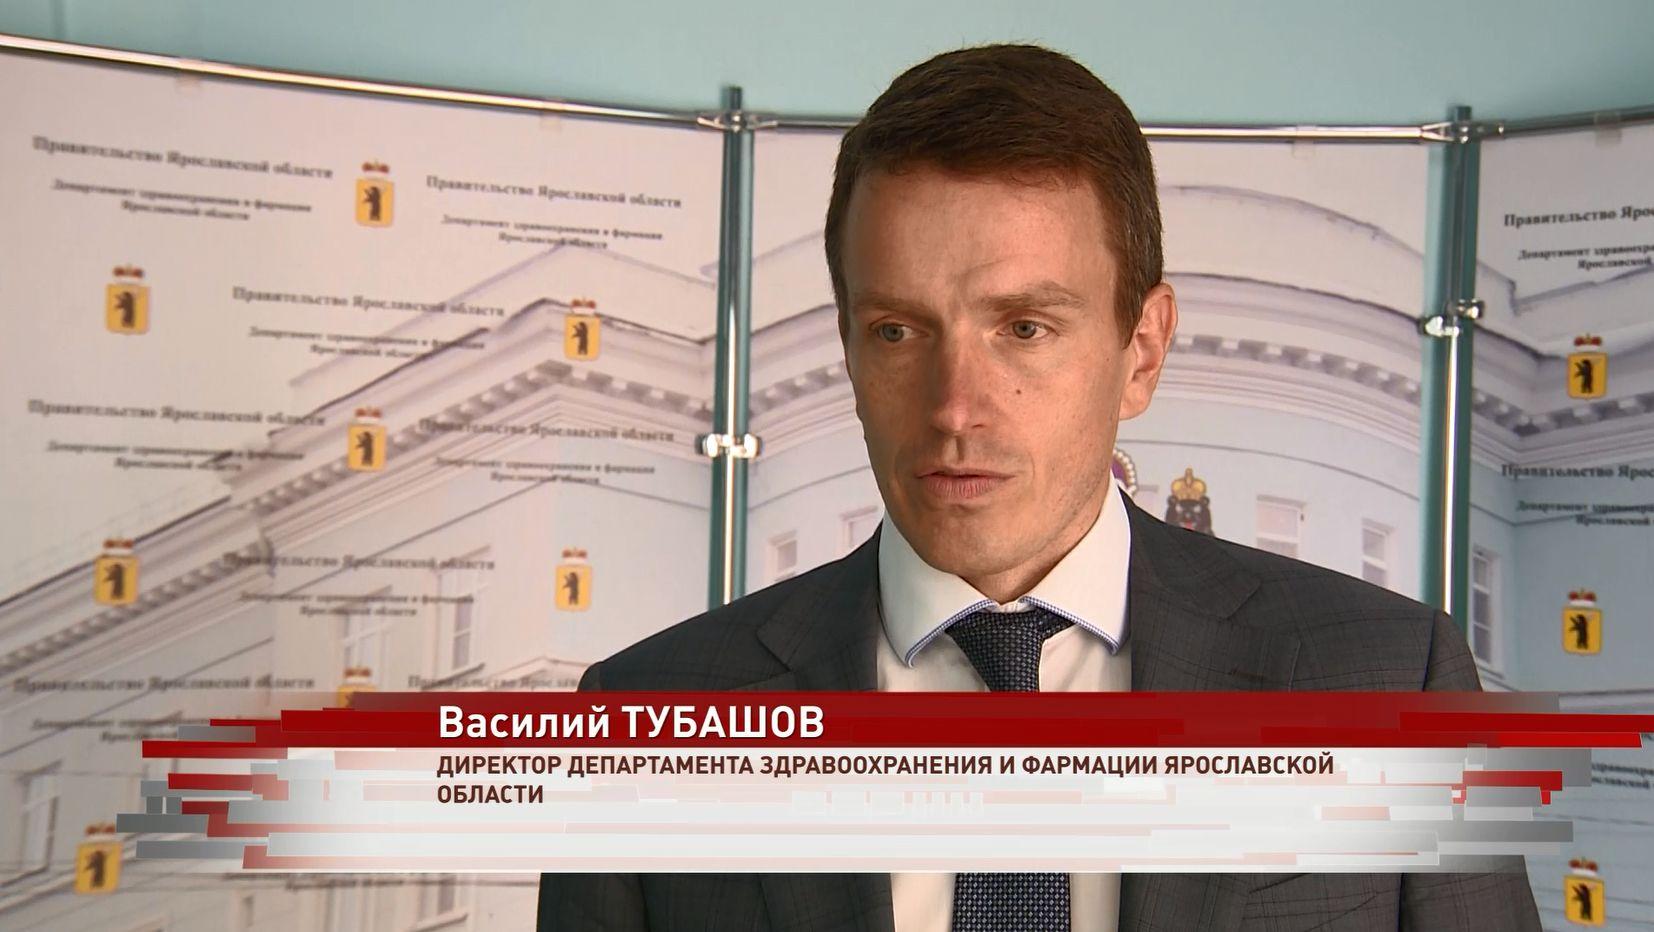 В Рыбинске в поликлинике Семашко завершается ремонт пяти кабинетов врачей